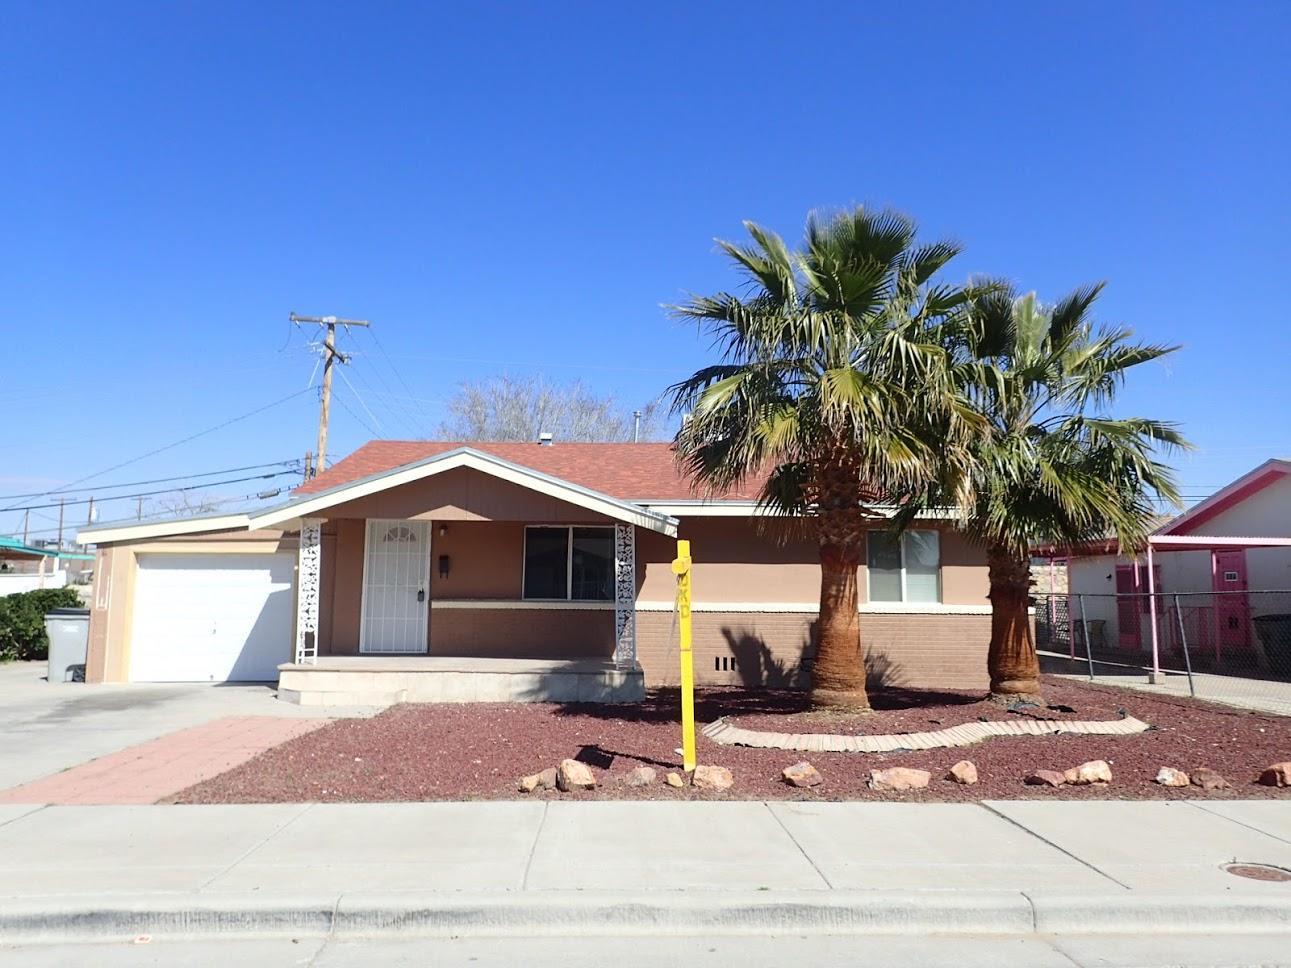 7409 SEQUOIA, El Paso, Texas 79915, 2 Bedrooms Bedrooms, ,1 BathroomBathrooms,Residential Rental,For Rent,SEQUOIA,822902